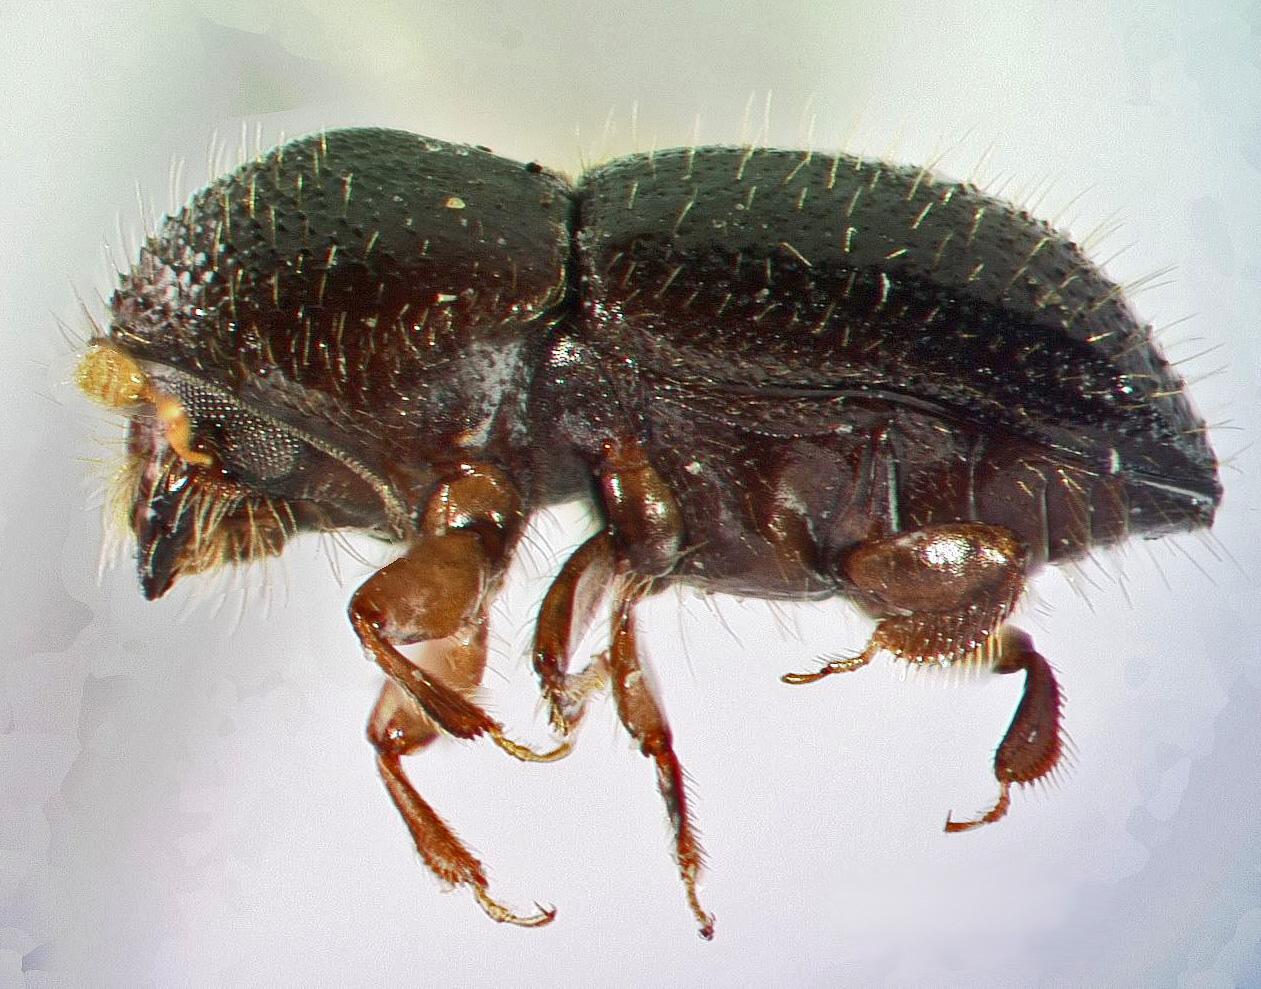 beetlefungus